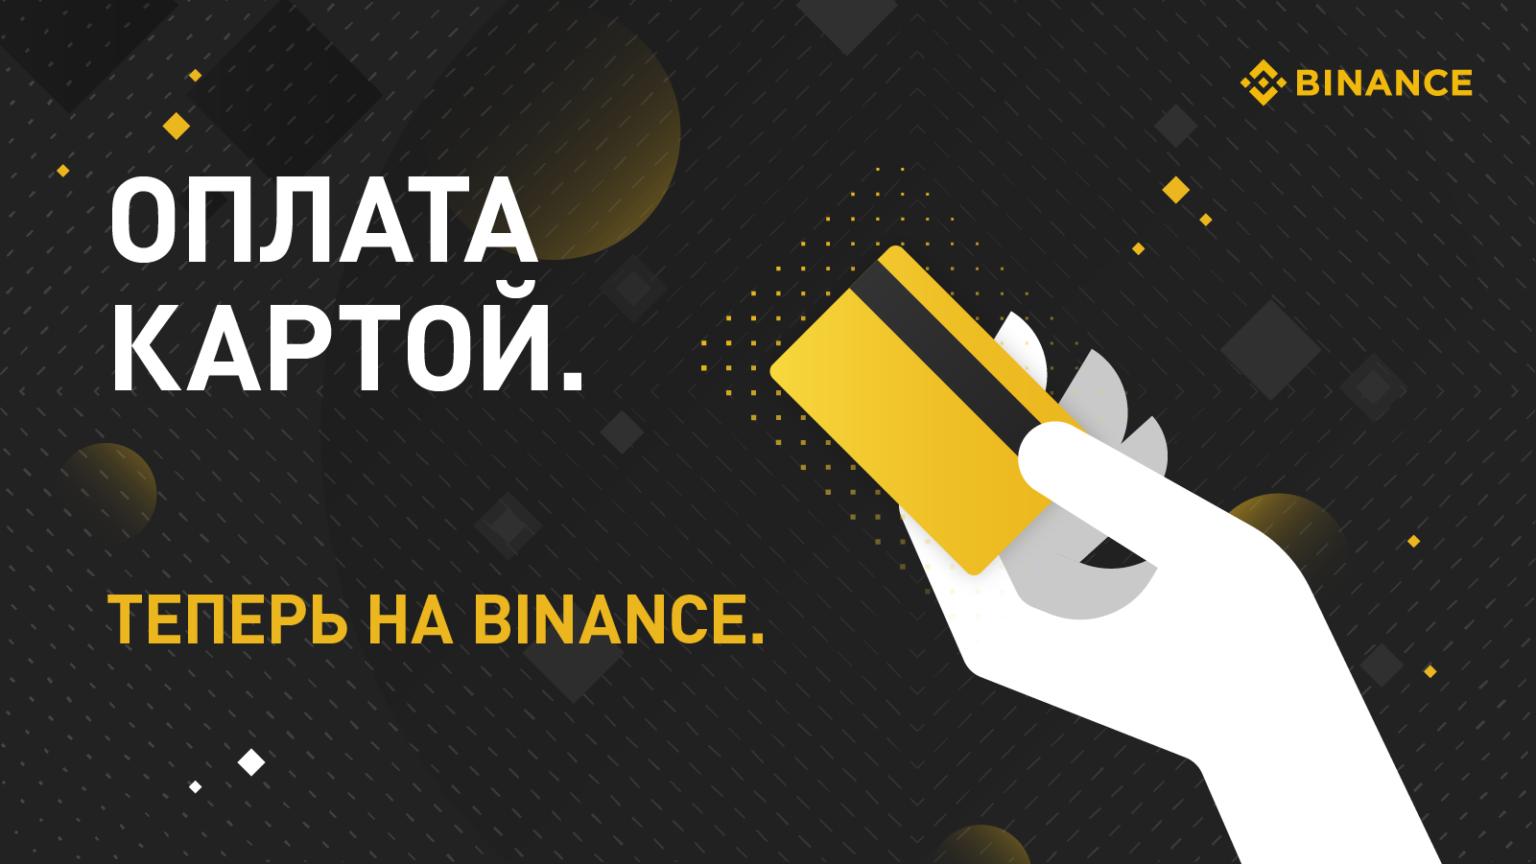 Как купить или продать криптовалюту на Binance